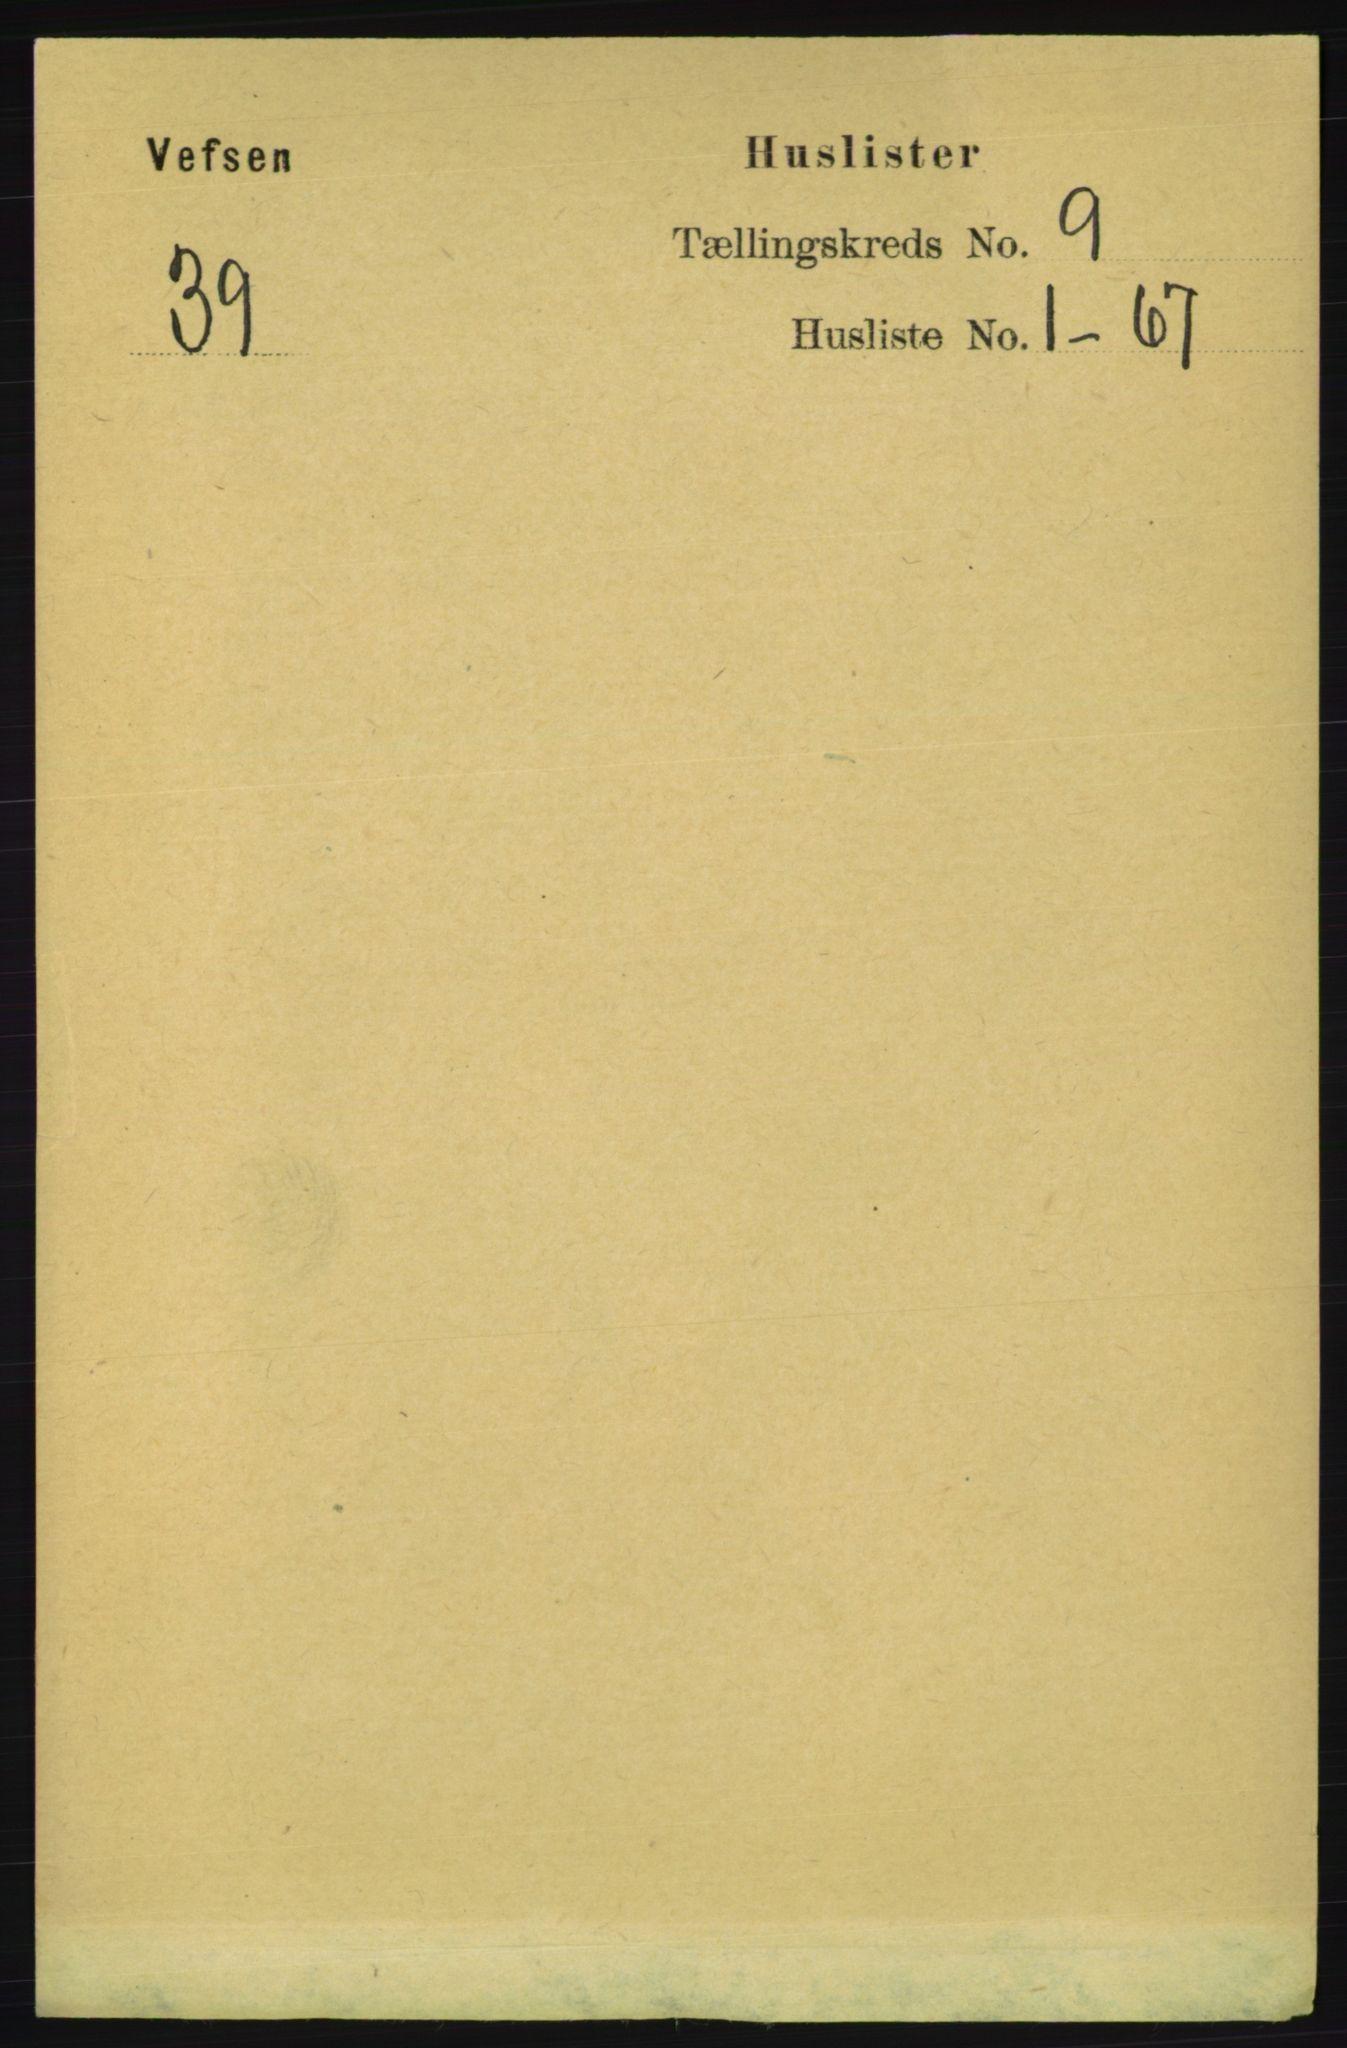 RA, Folketelling 1891 for 1824 Vefsn herred, 1891, s. 4626